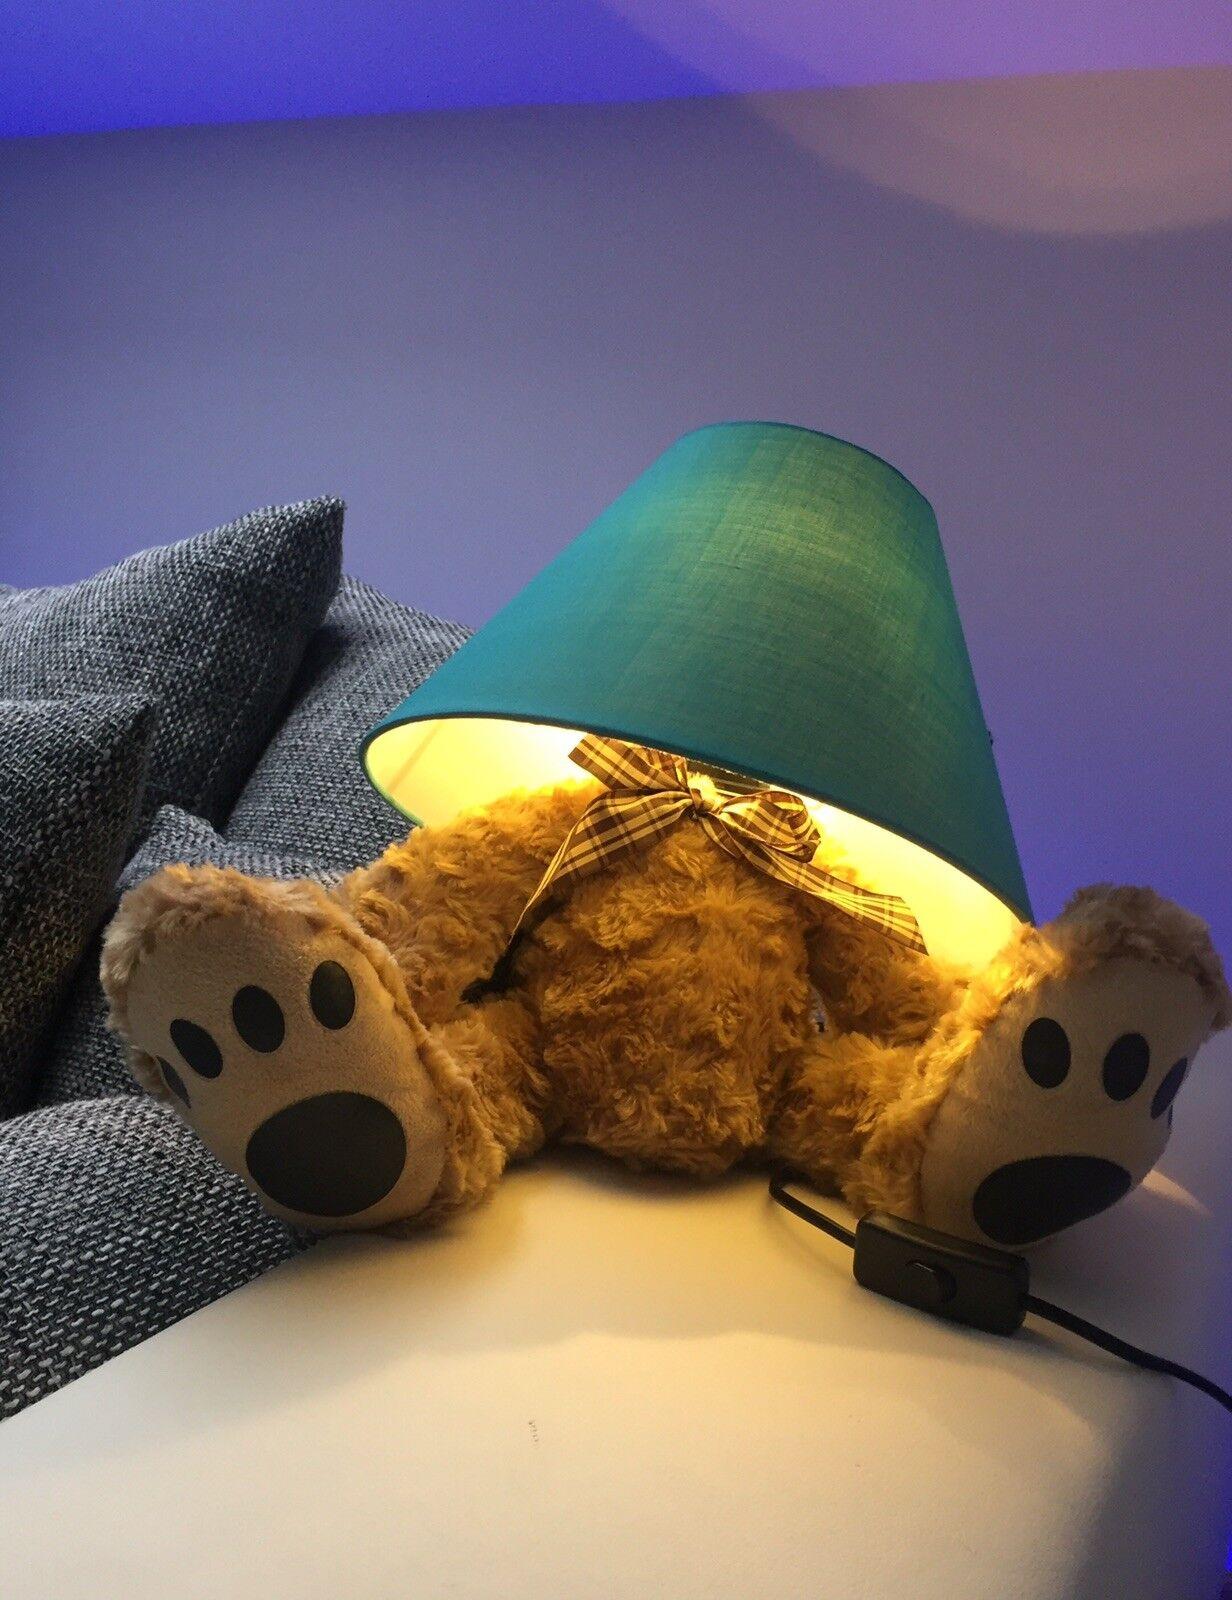 Designer Teddybär-Lampe Weihnachten Weihnachten Weihnachten Kinderzimmer Tischlampe Accessoire Deko ac0a02